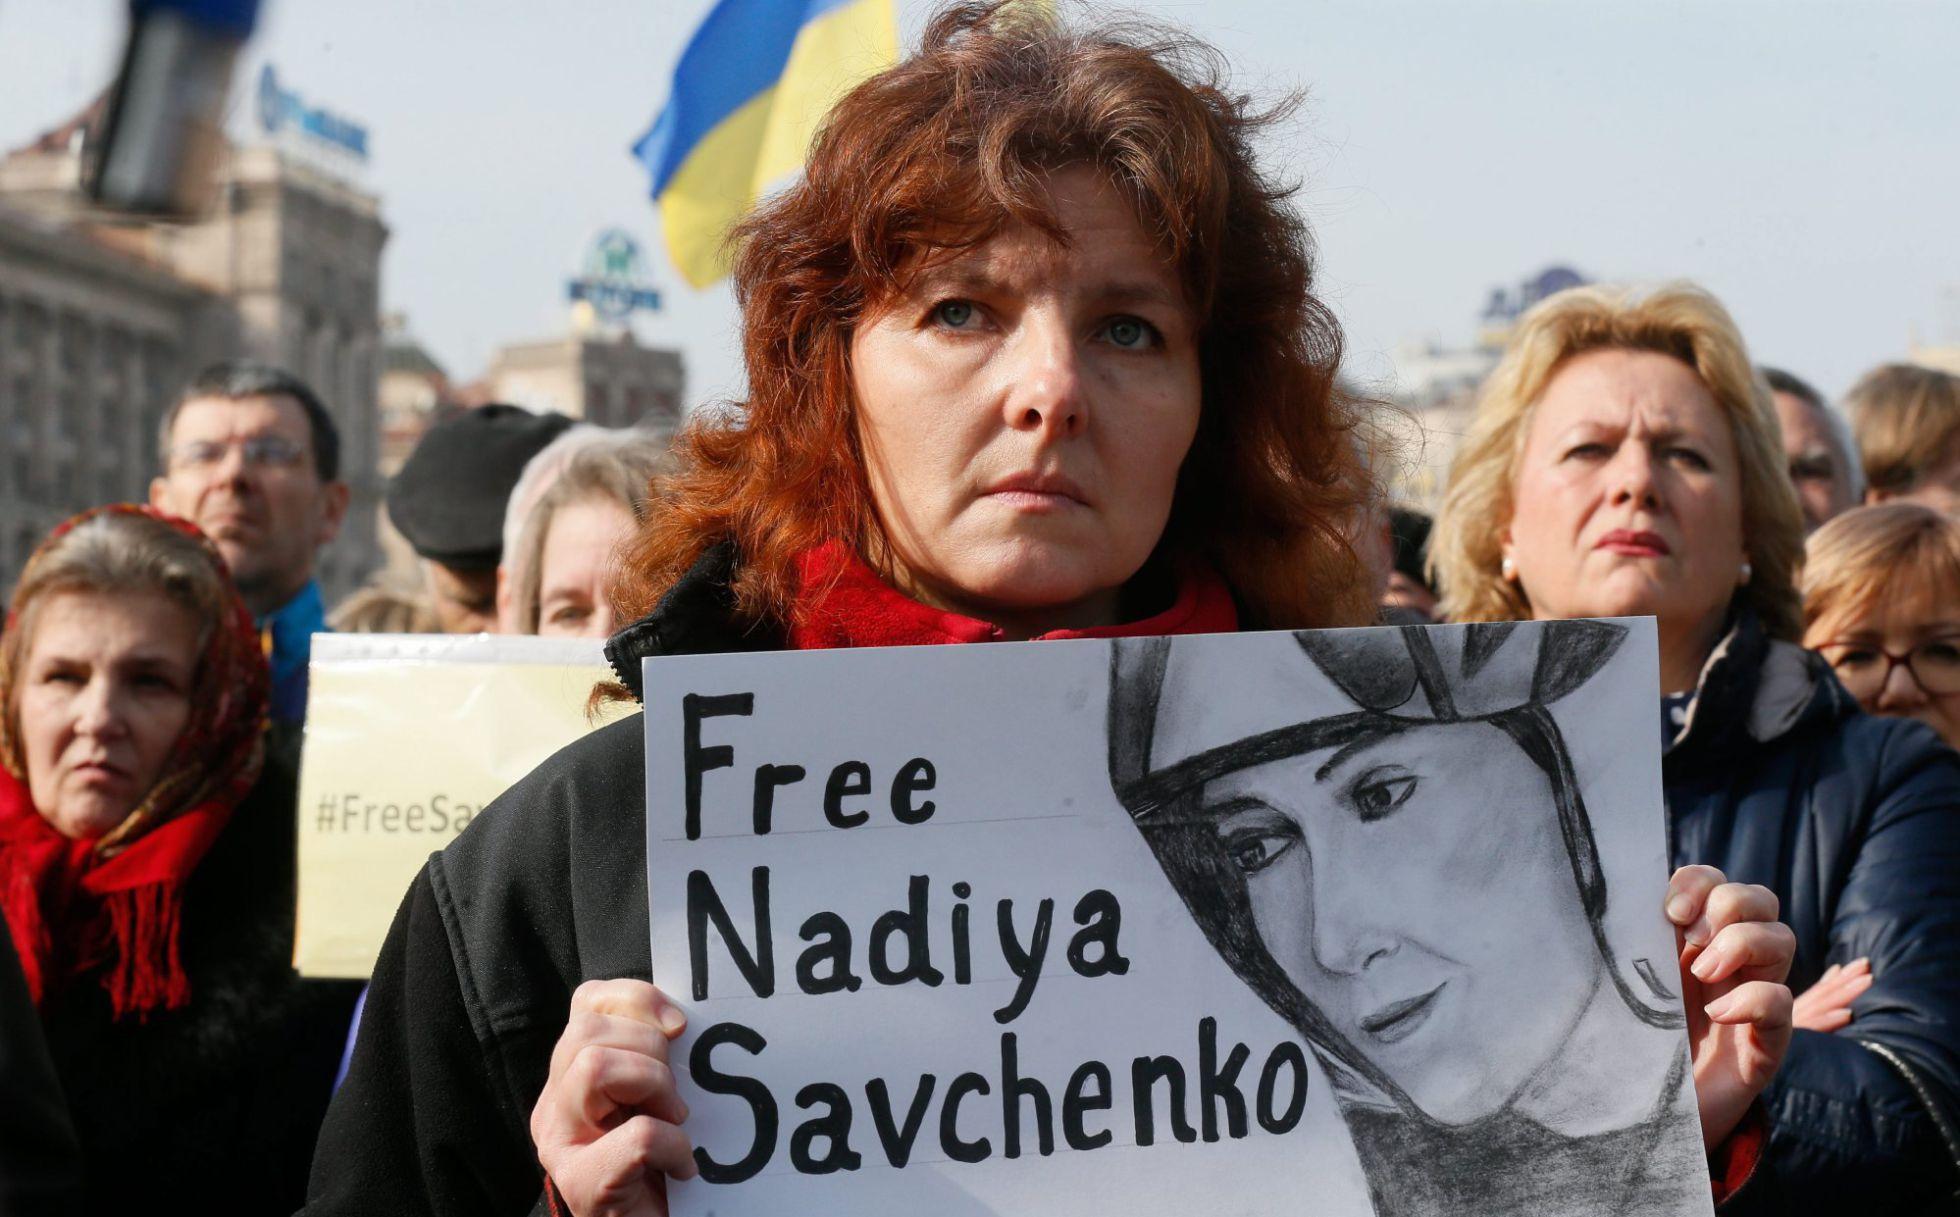 Protesta el domingo en Kiev para pedir la liberación de Sávchenko.  Foto por SERGEY DOLZHENKO EFE